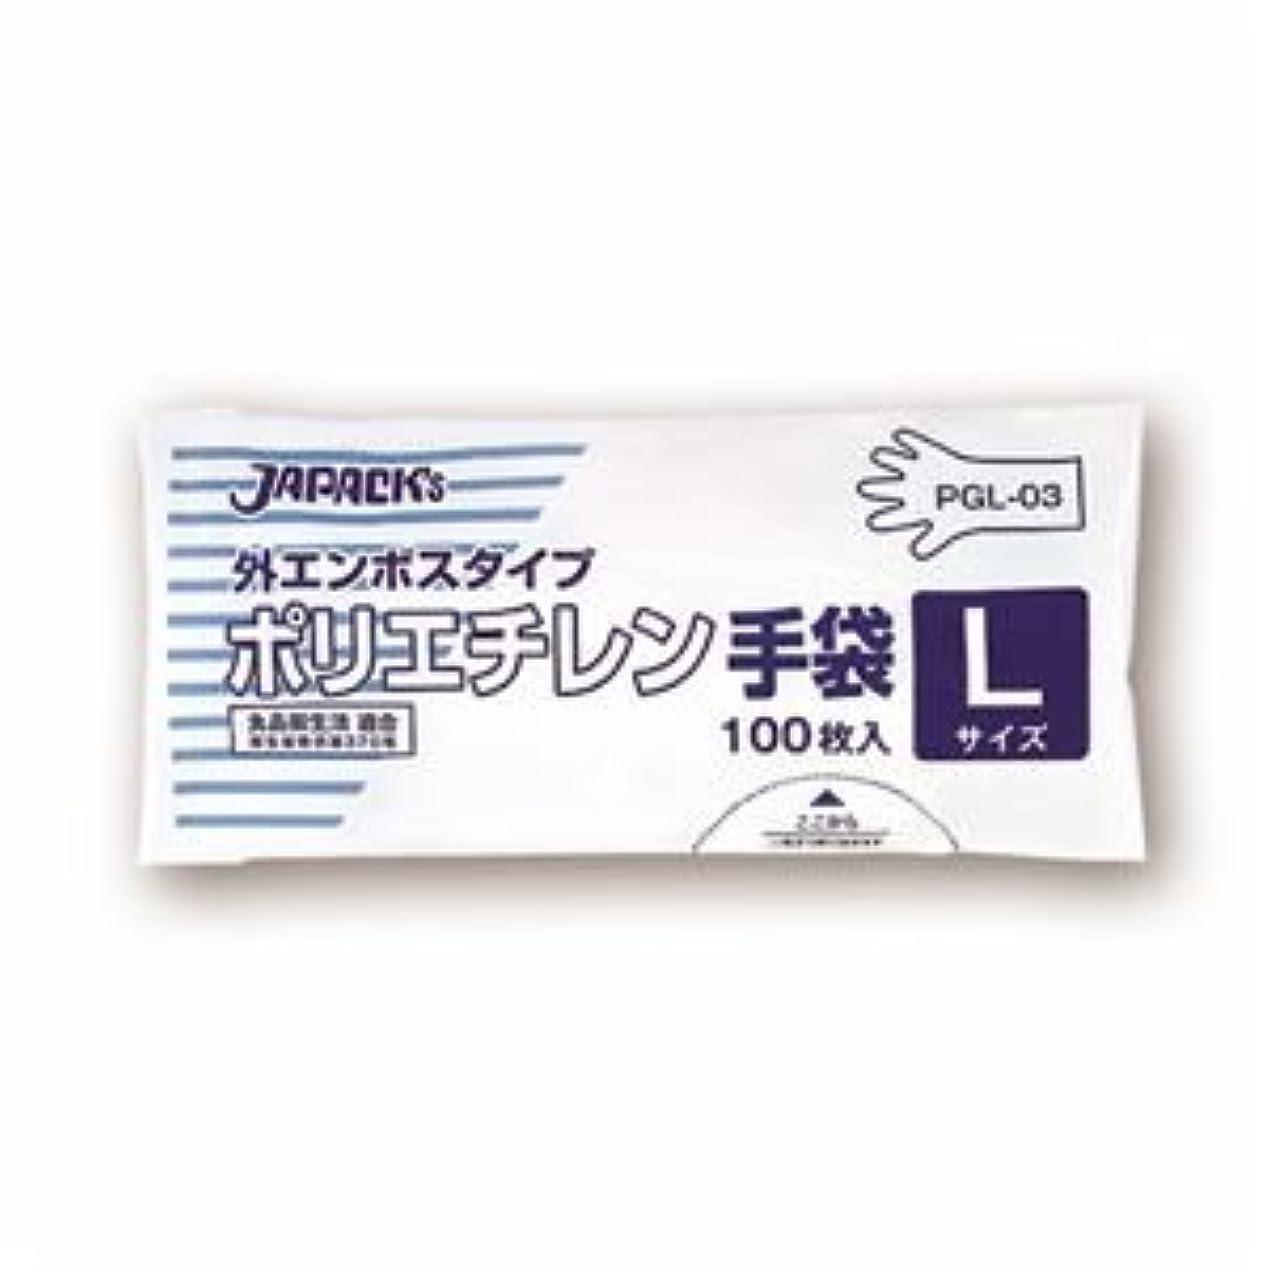 かご摂氏毎週(まとめ) ジャパックス 外エンボスタイプ LDポリエチレン手袋 L PGL-03 1パック(100枚) 【×20セット】 ds-1583316